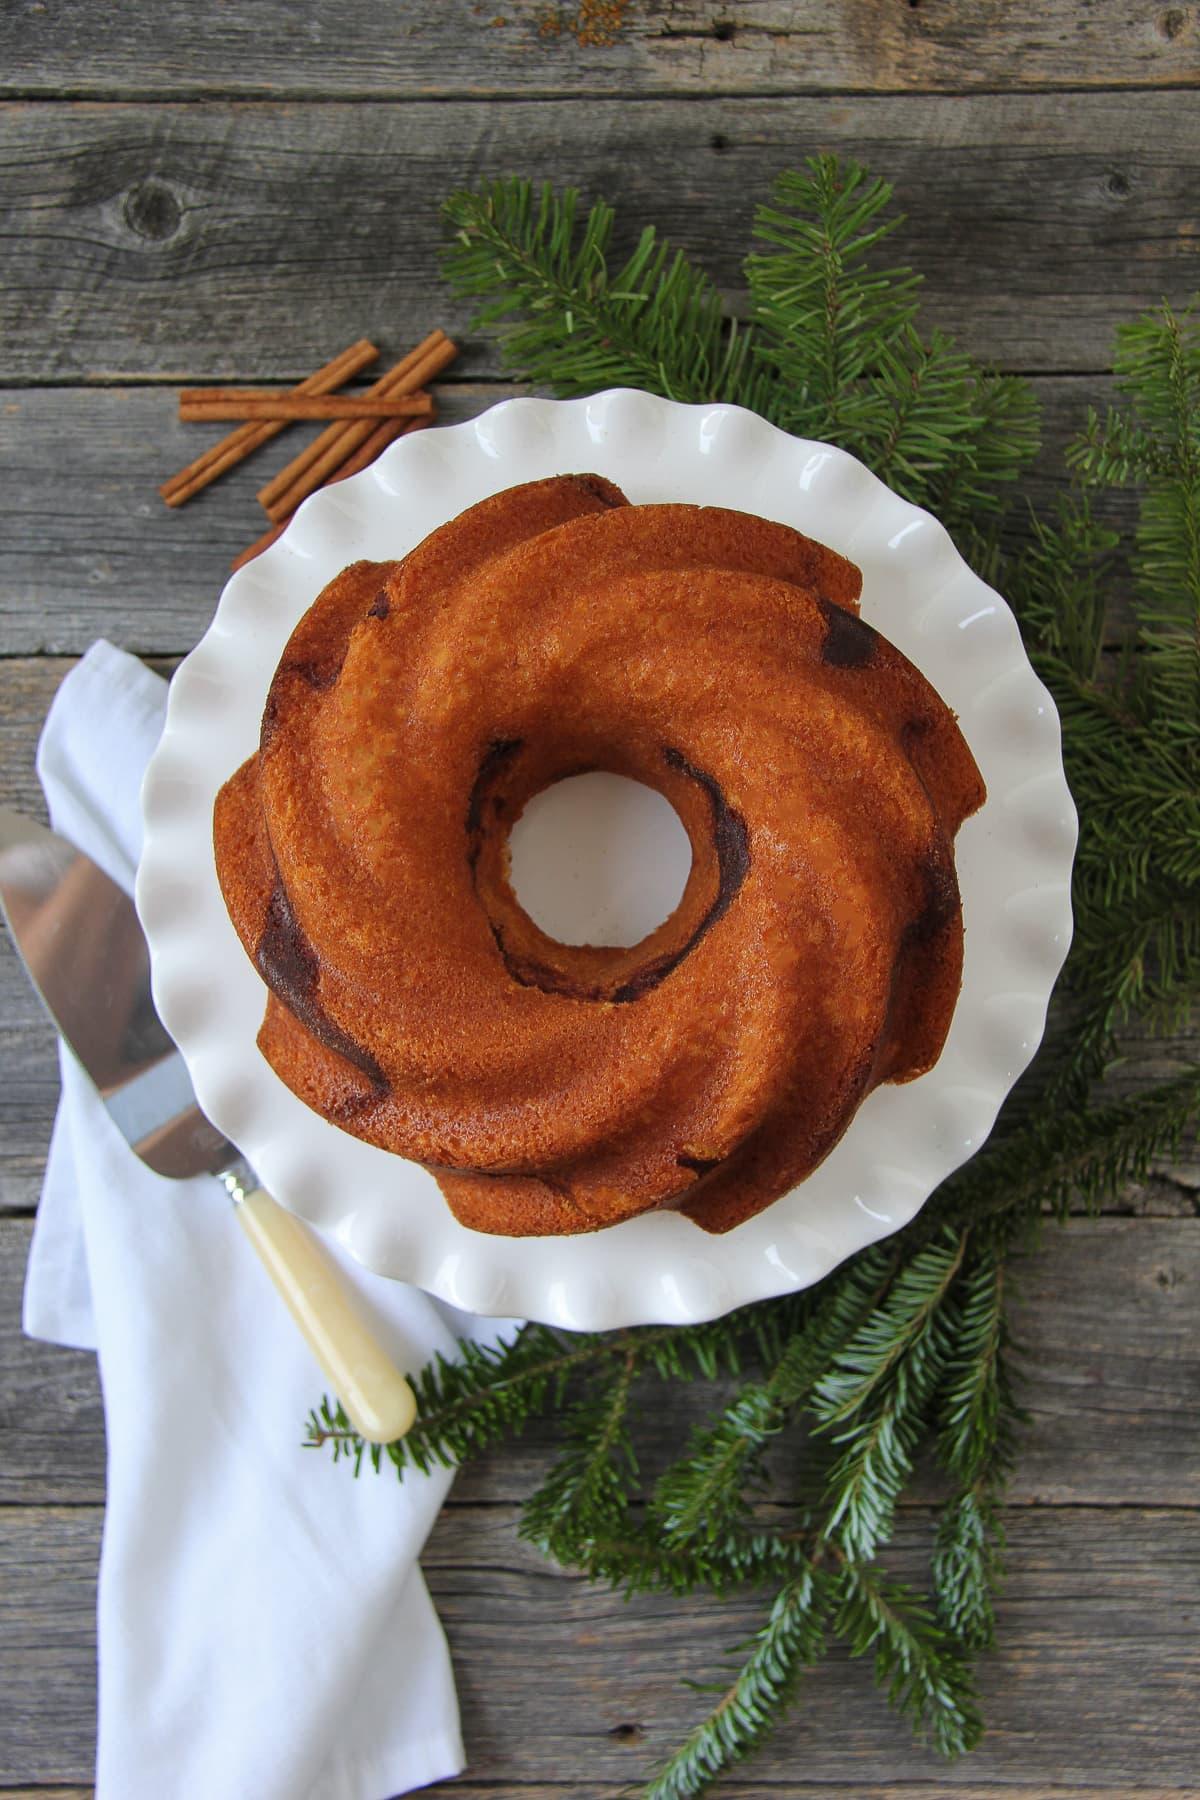 cinnamon-swirl-bundt-cake-3